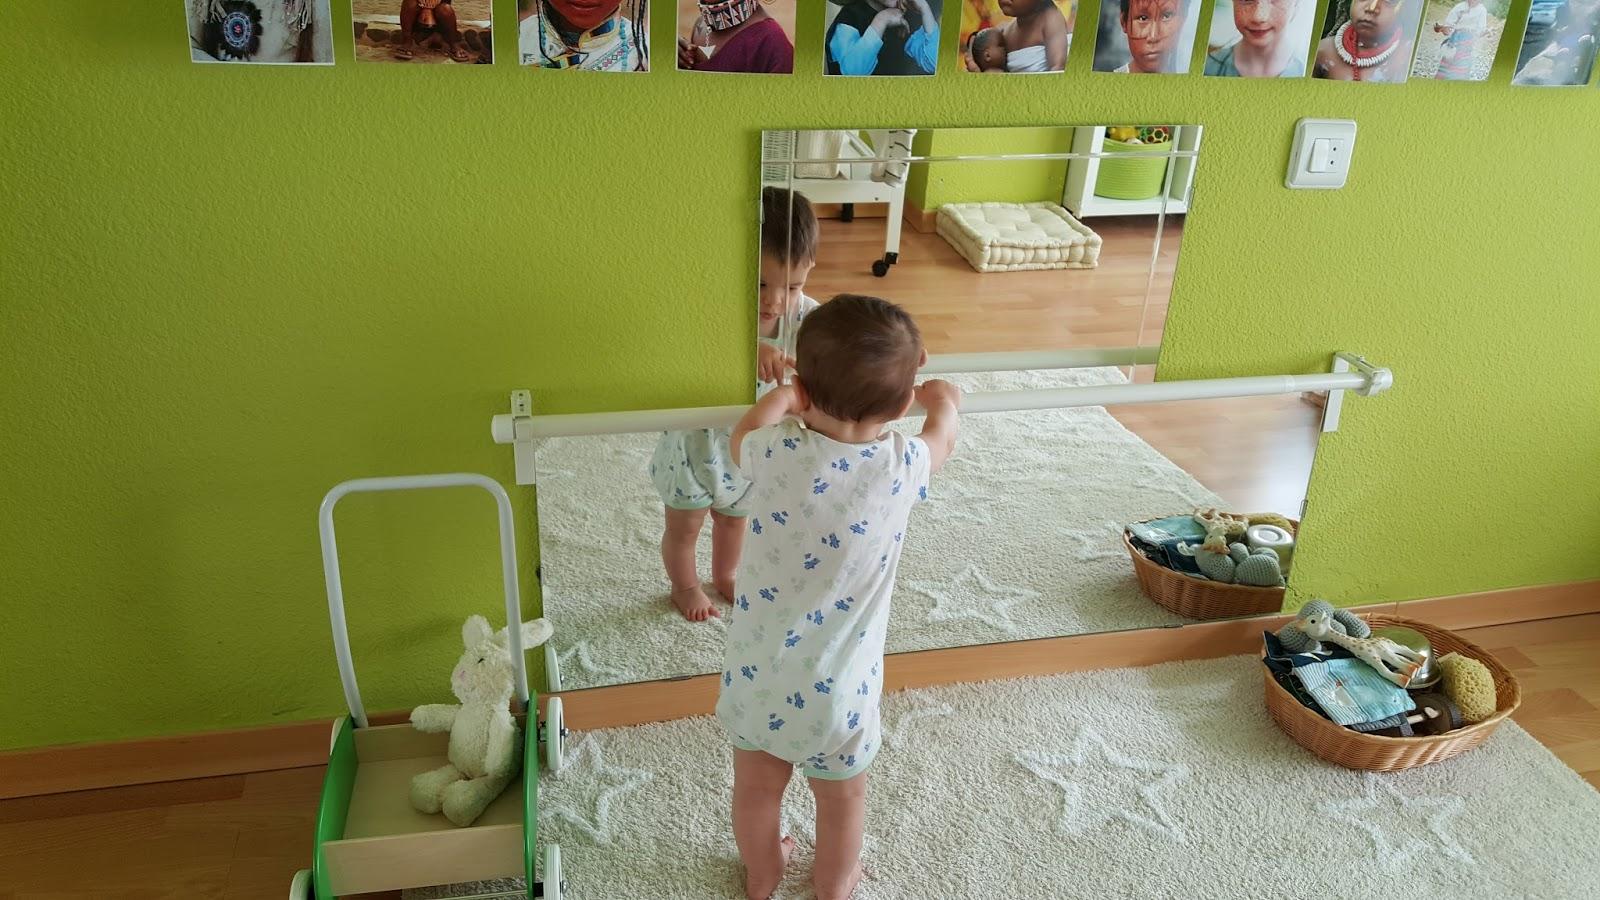 Creciendo felices montessori baby room for Espejo montessori